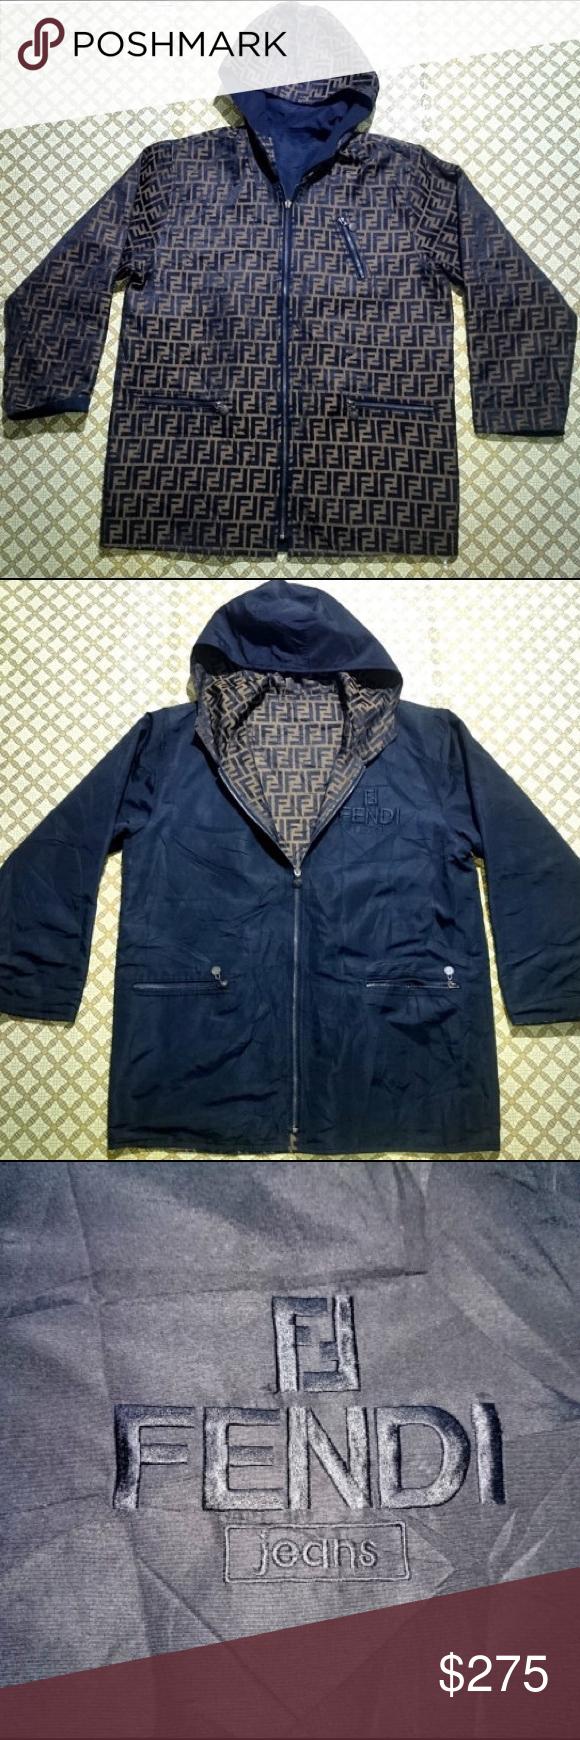 Vintage Fendi Jacket Jackets Fendi Clothes Design